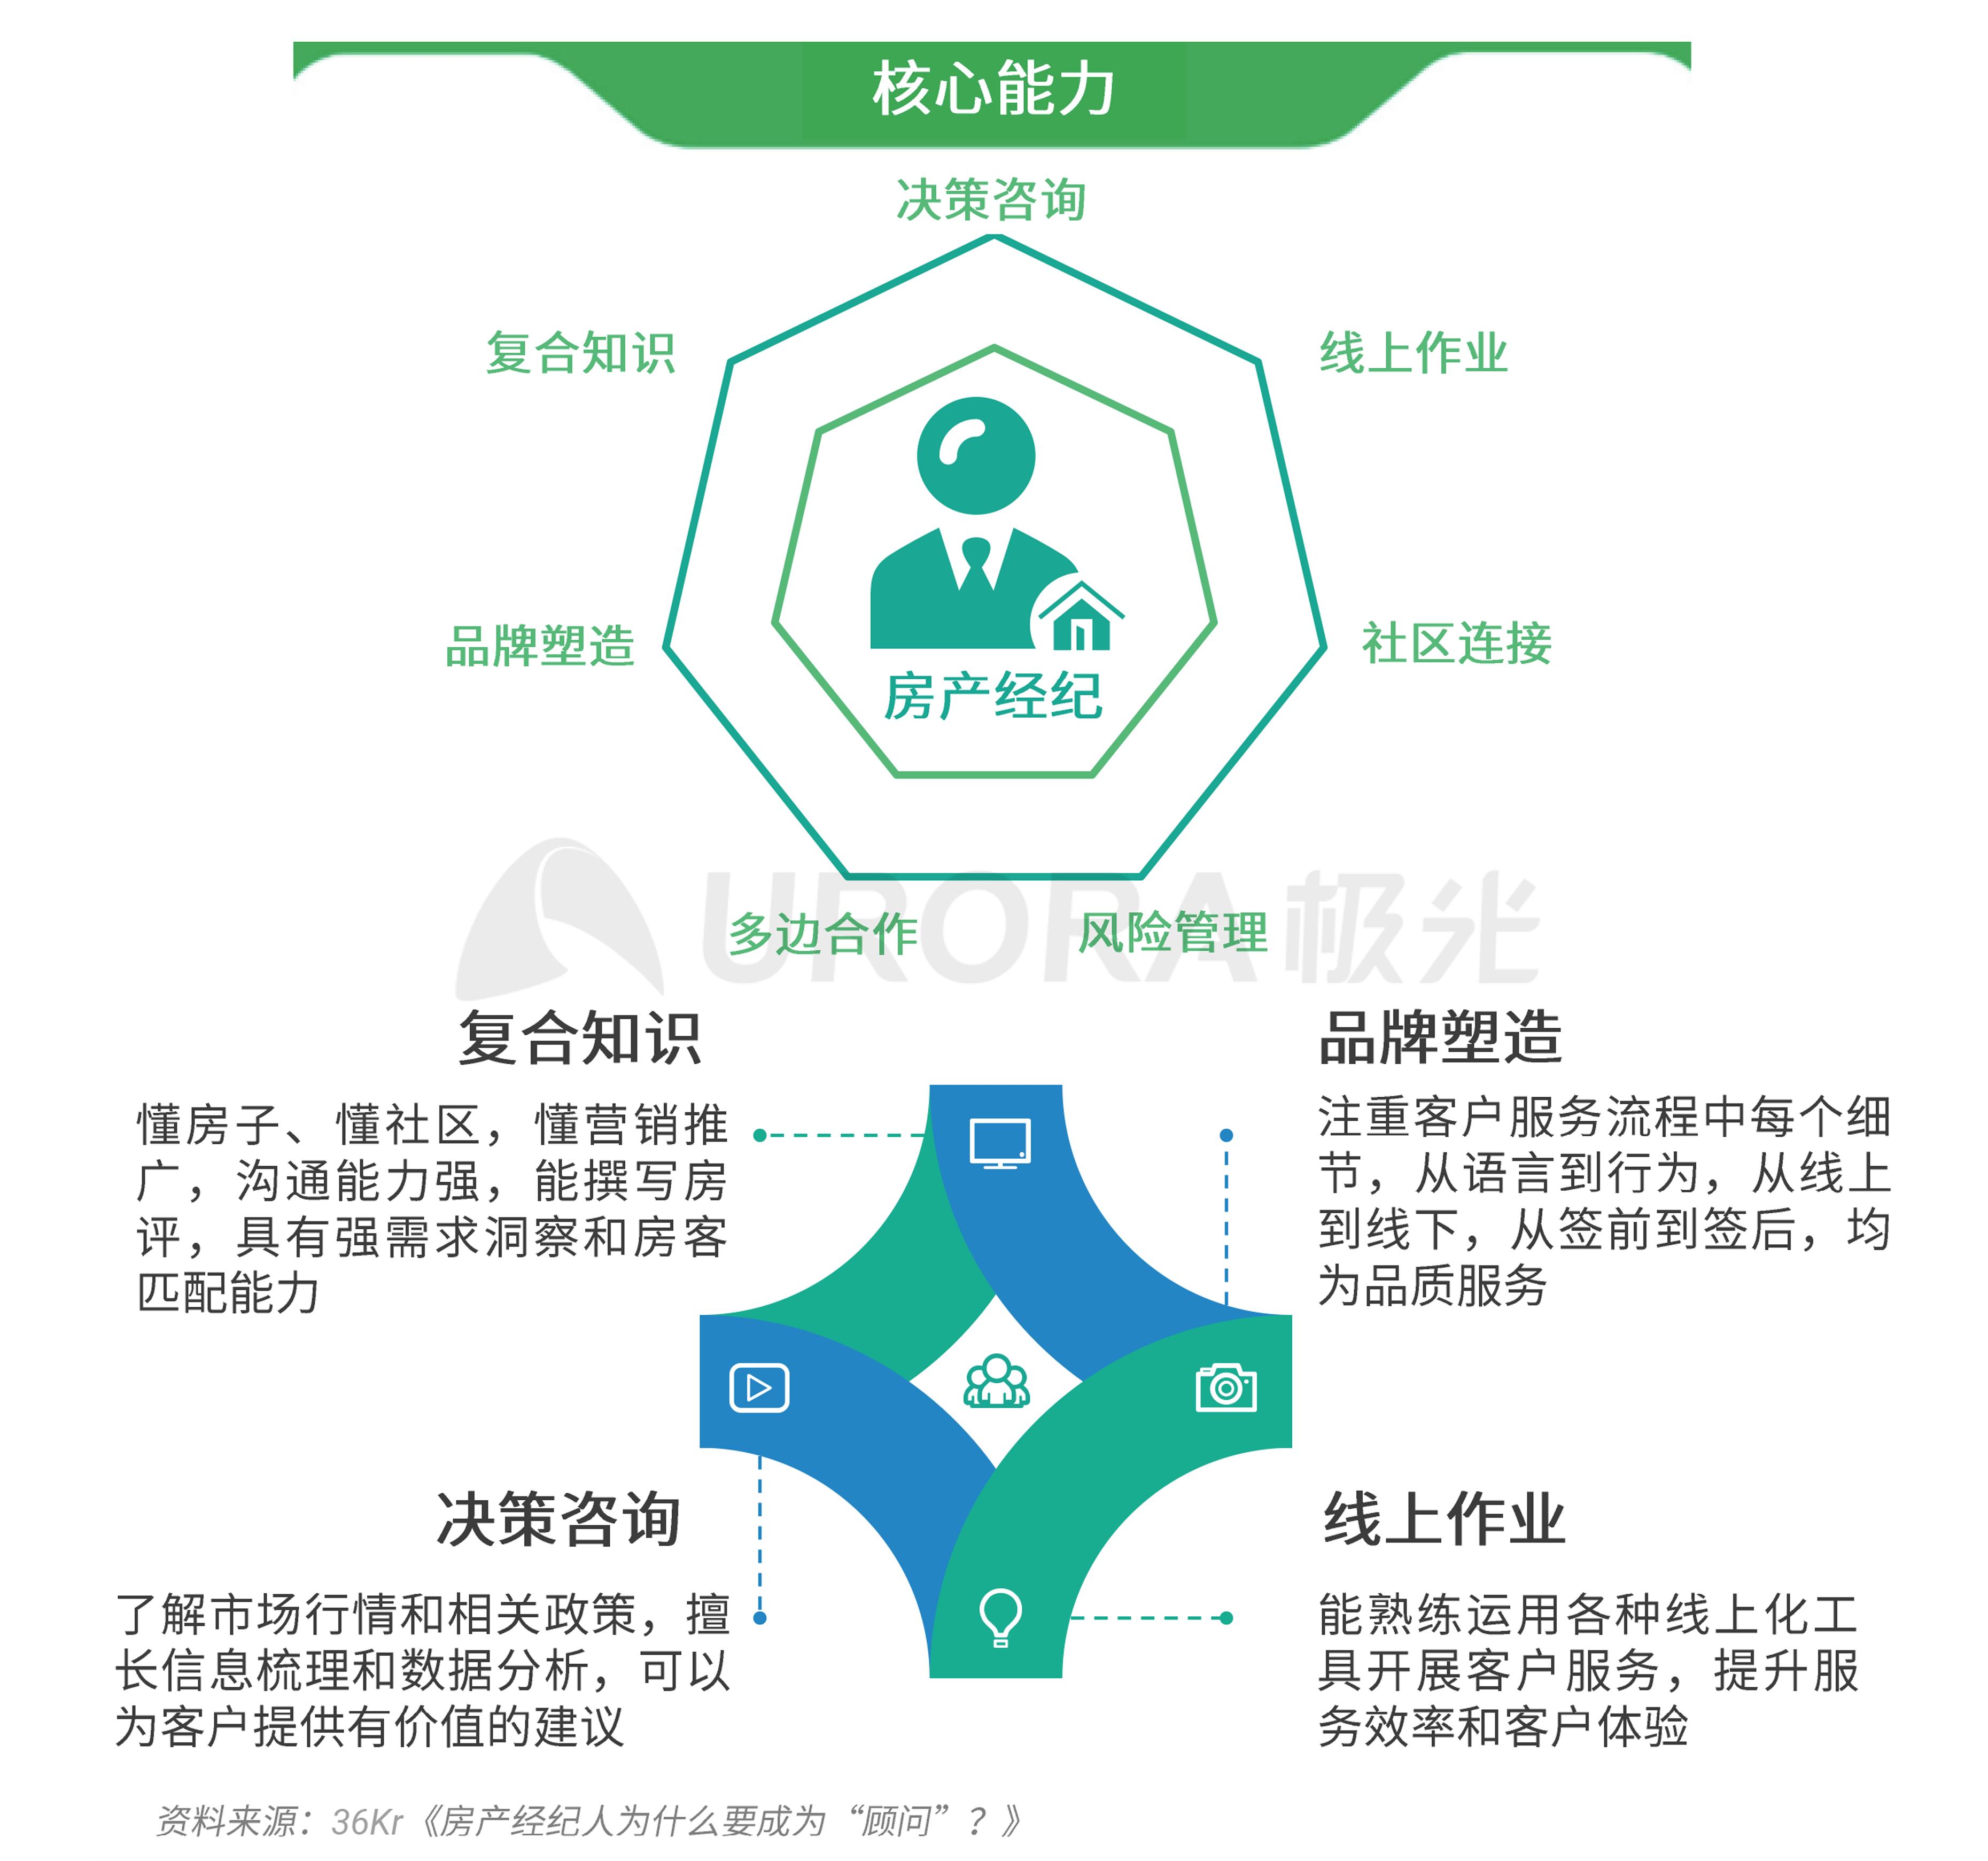 极光:2020年房产经纪行业和购房市场洞察报告 (36).png